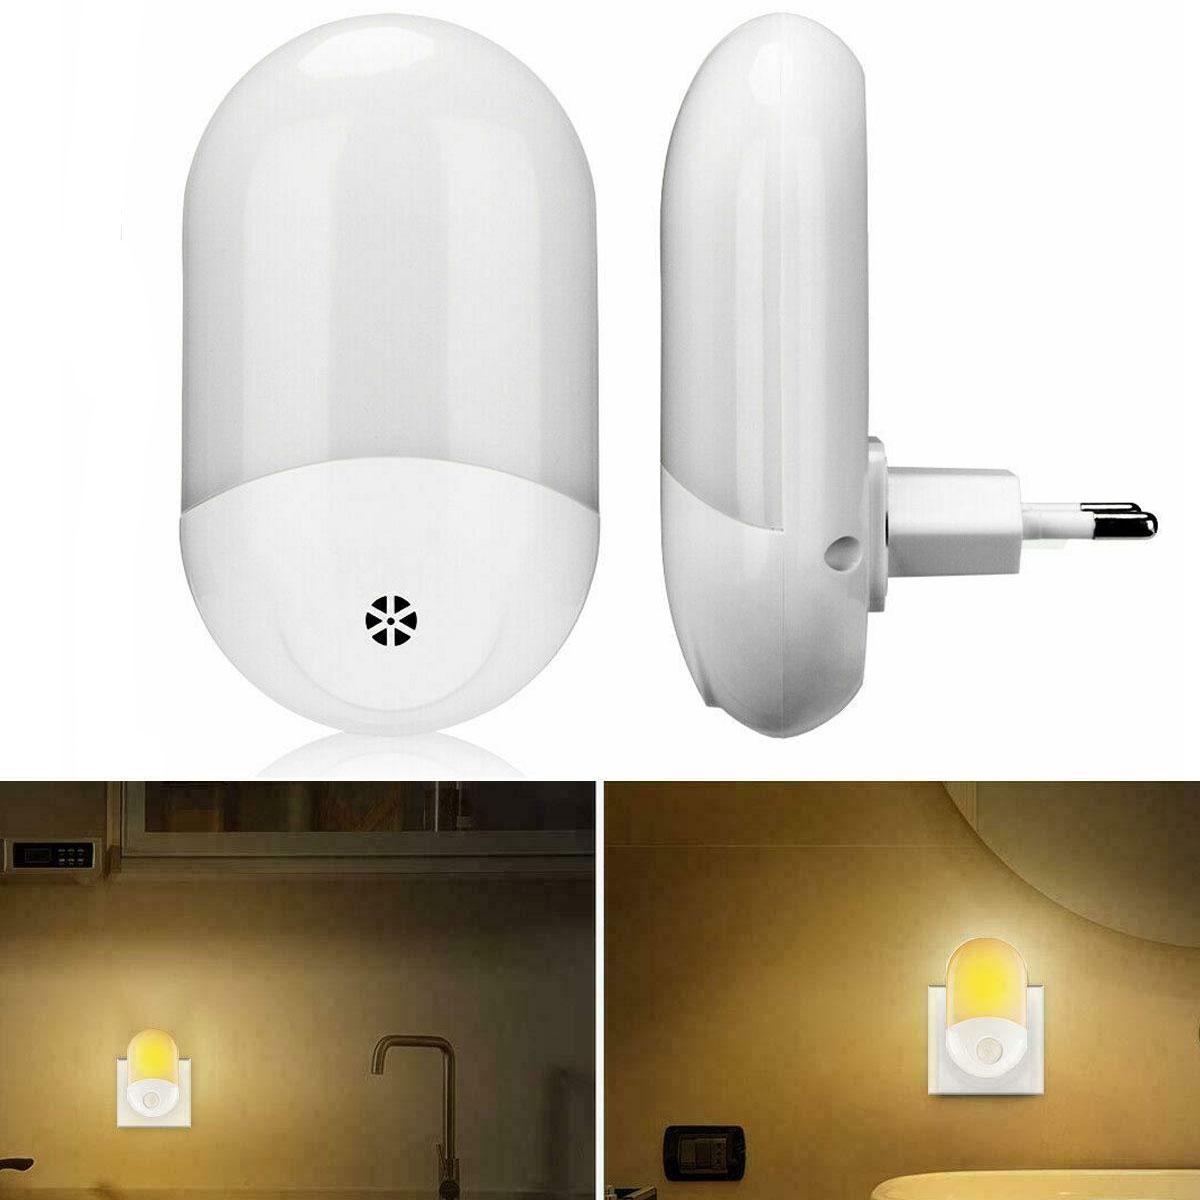 Wall LED Night Light Lamp Room Home Energy Saving Lamps Plug UK